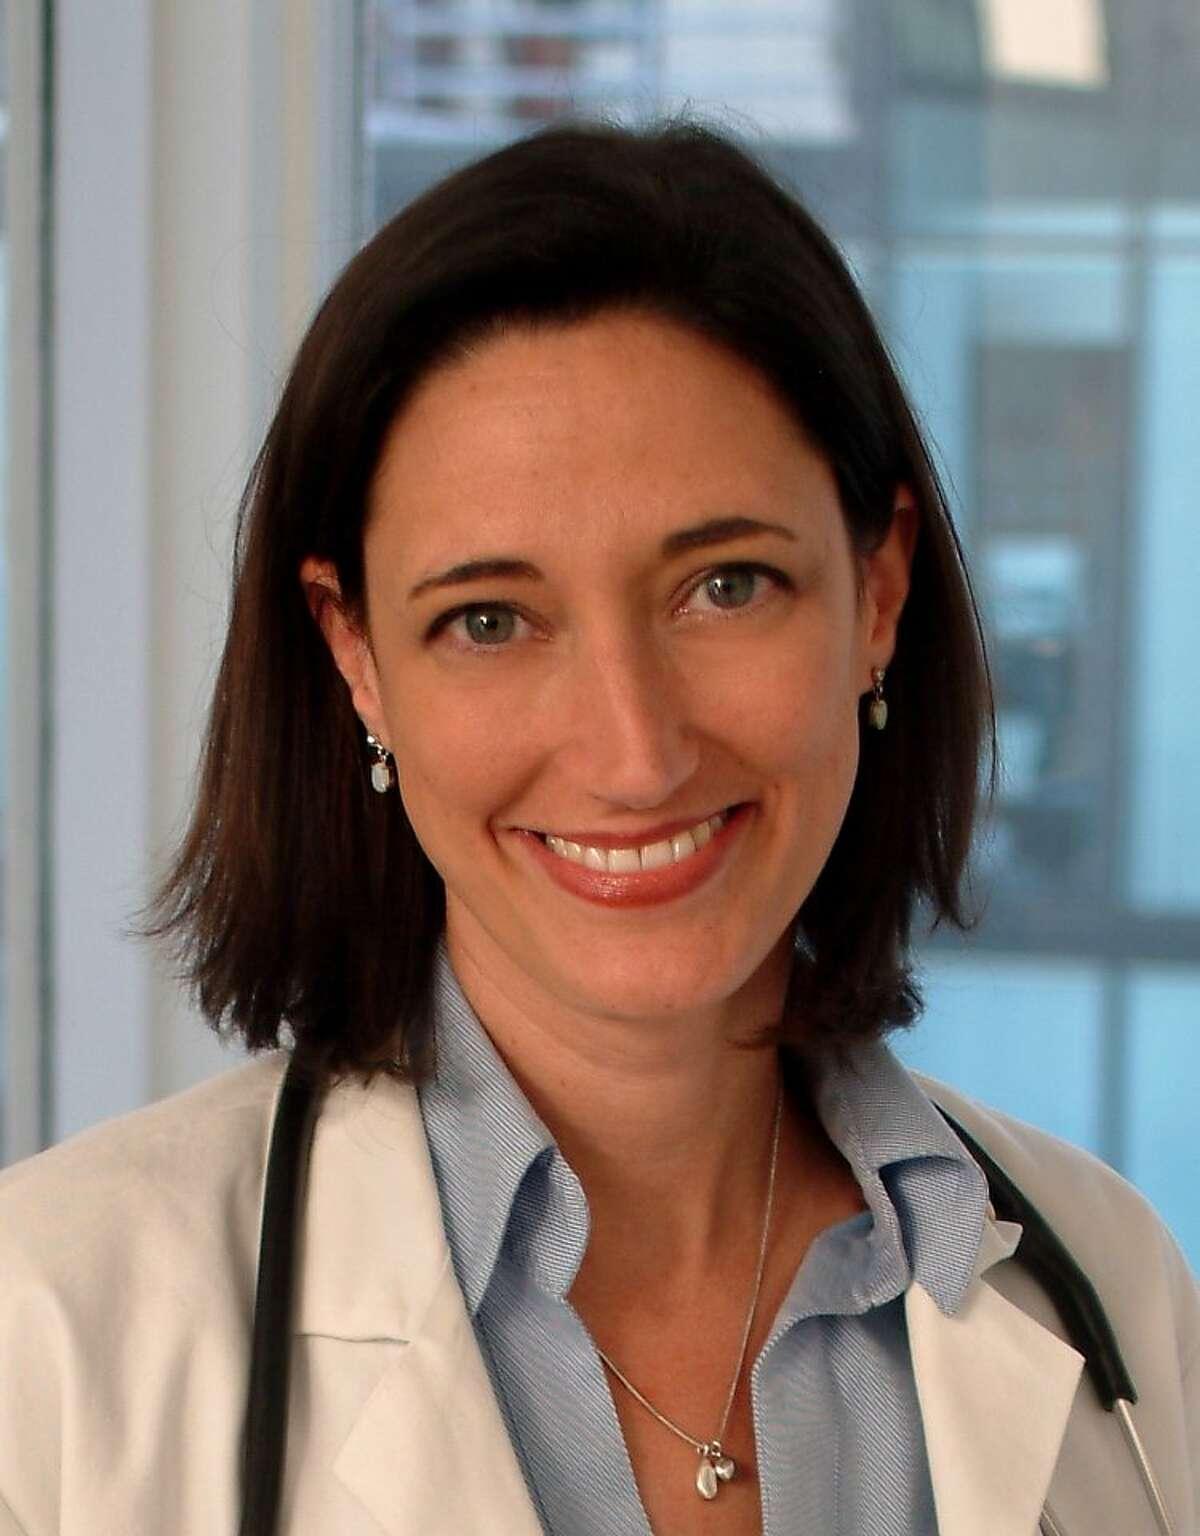 Dr. Karen E. Earle